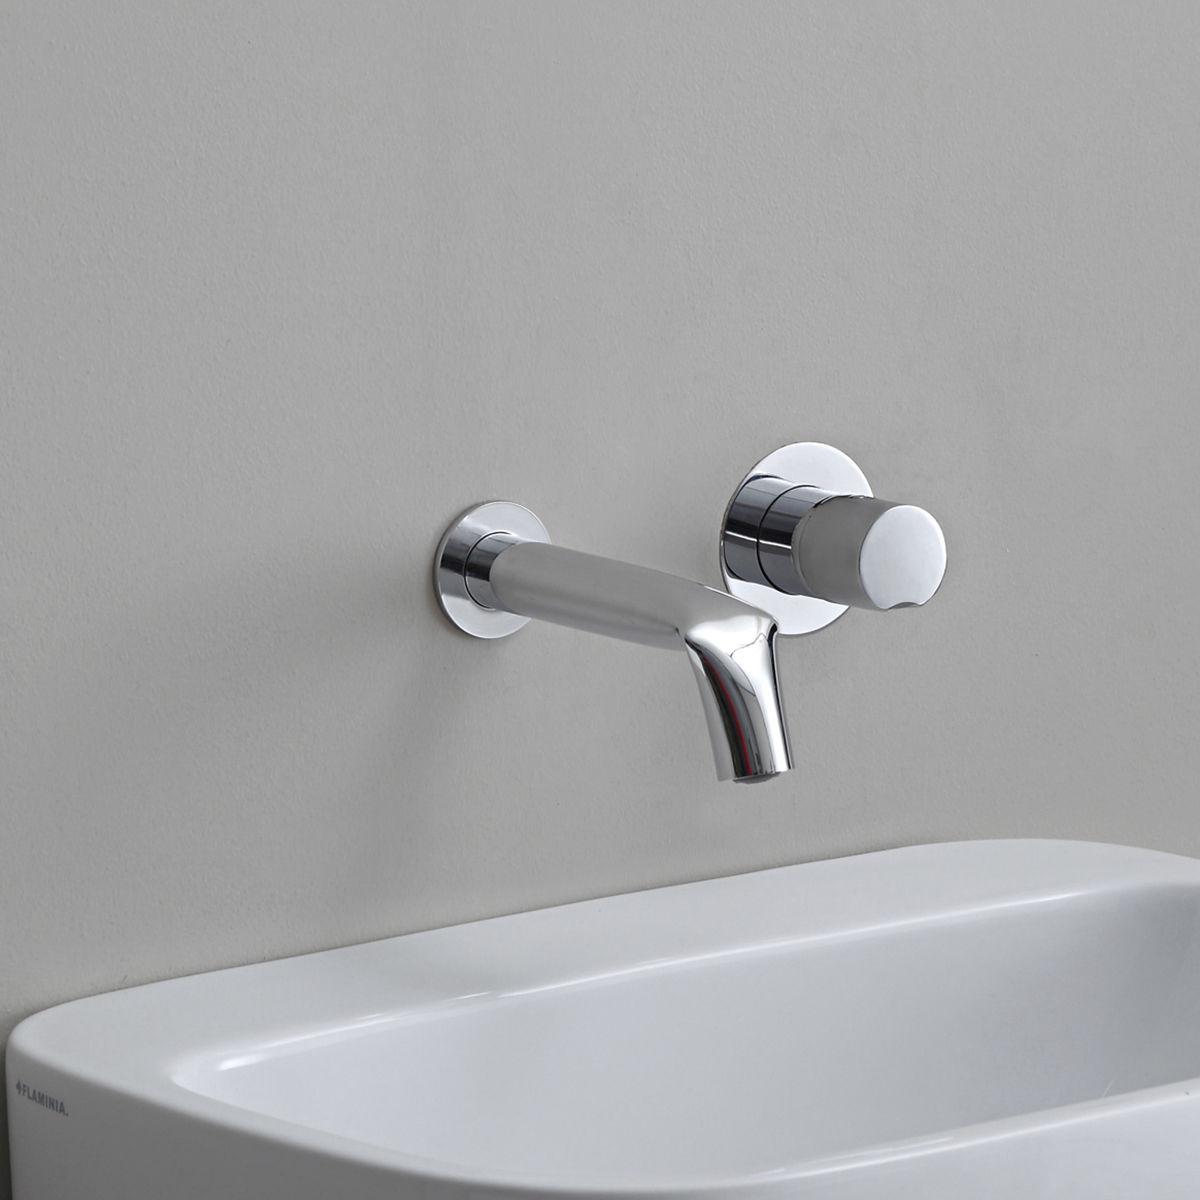 Grifo monomando para lavabo - FL3059 - FLAMINIA - de pared ...